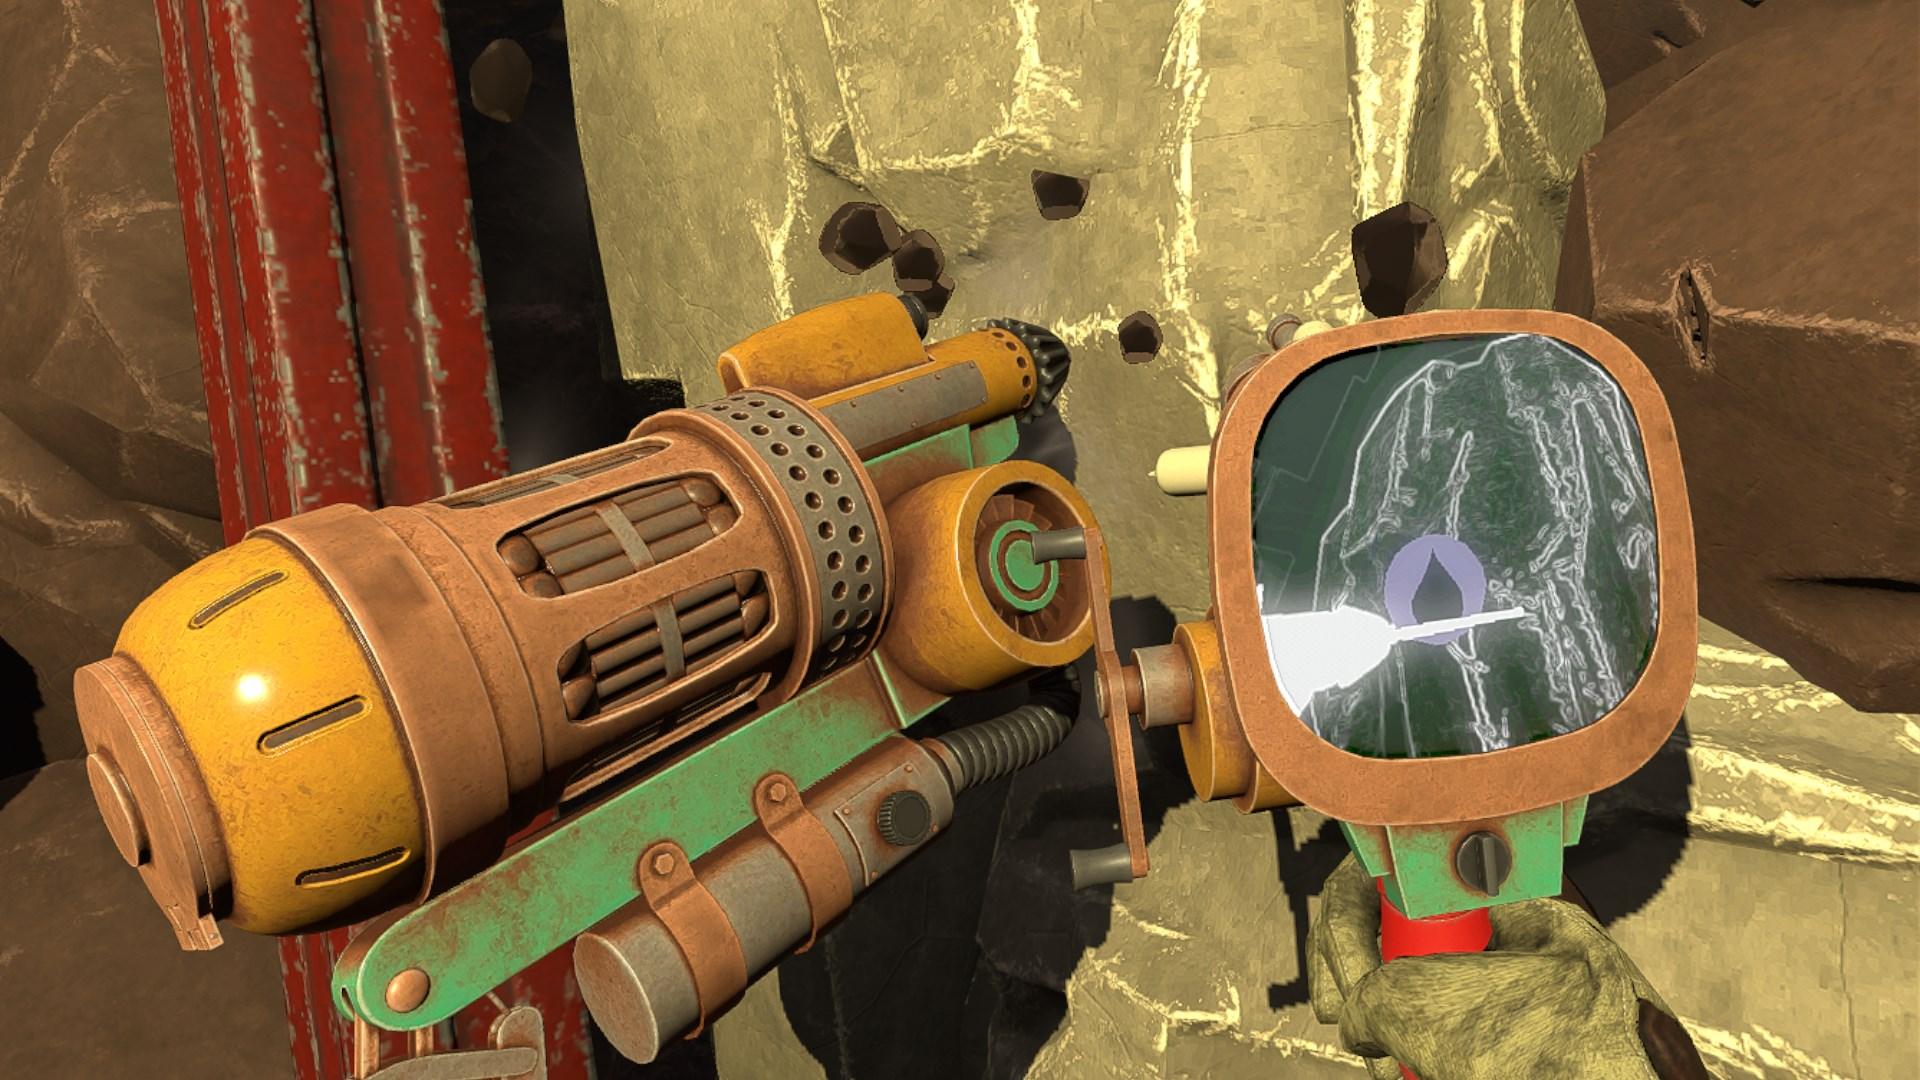 Cave-Digger-SteamVR-Oculus-Rift-HTC-Vive-Windows-VR